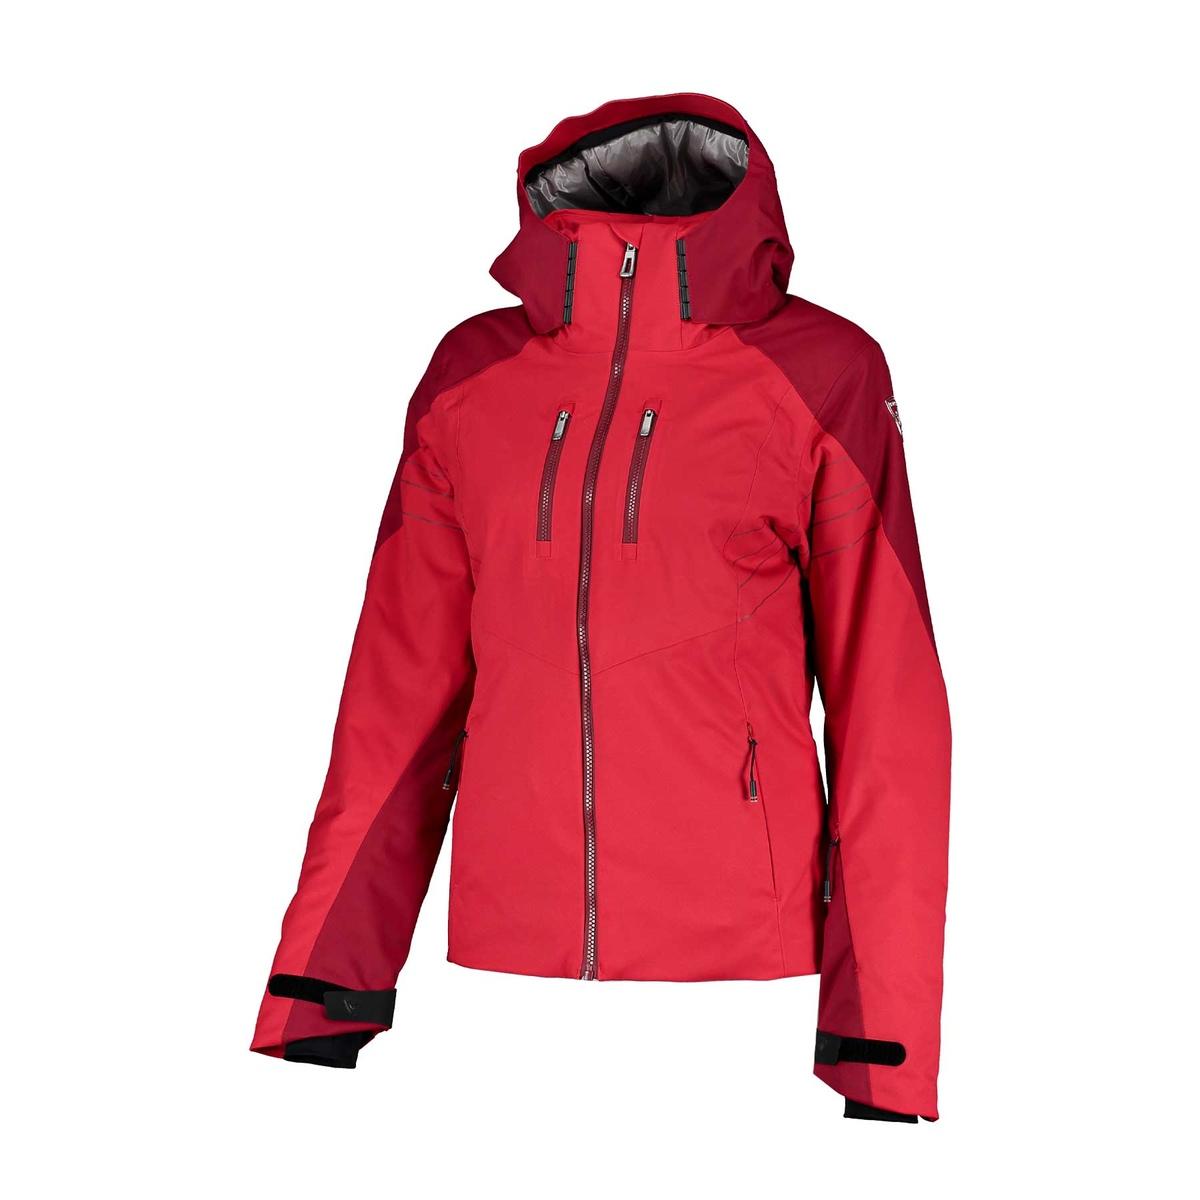 Prezzi Rossignol giacca course donna